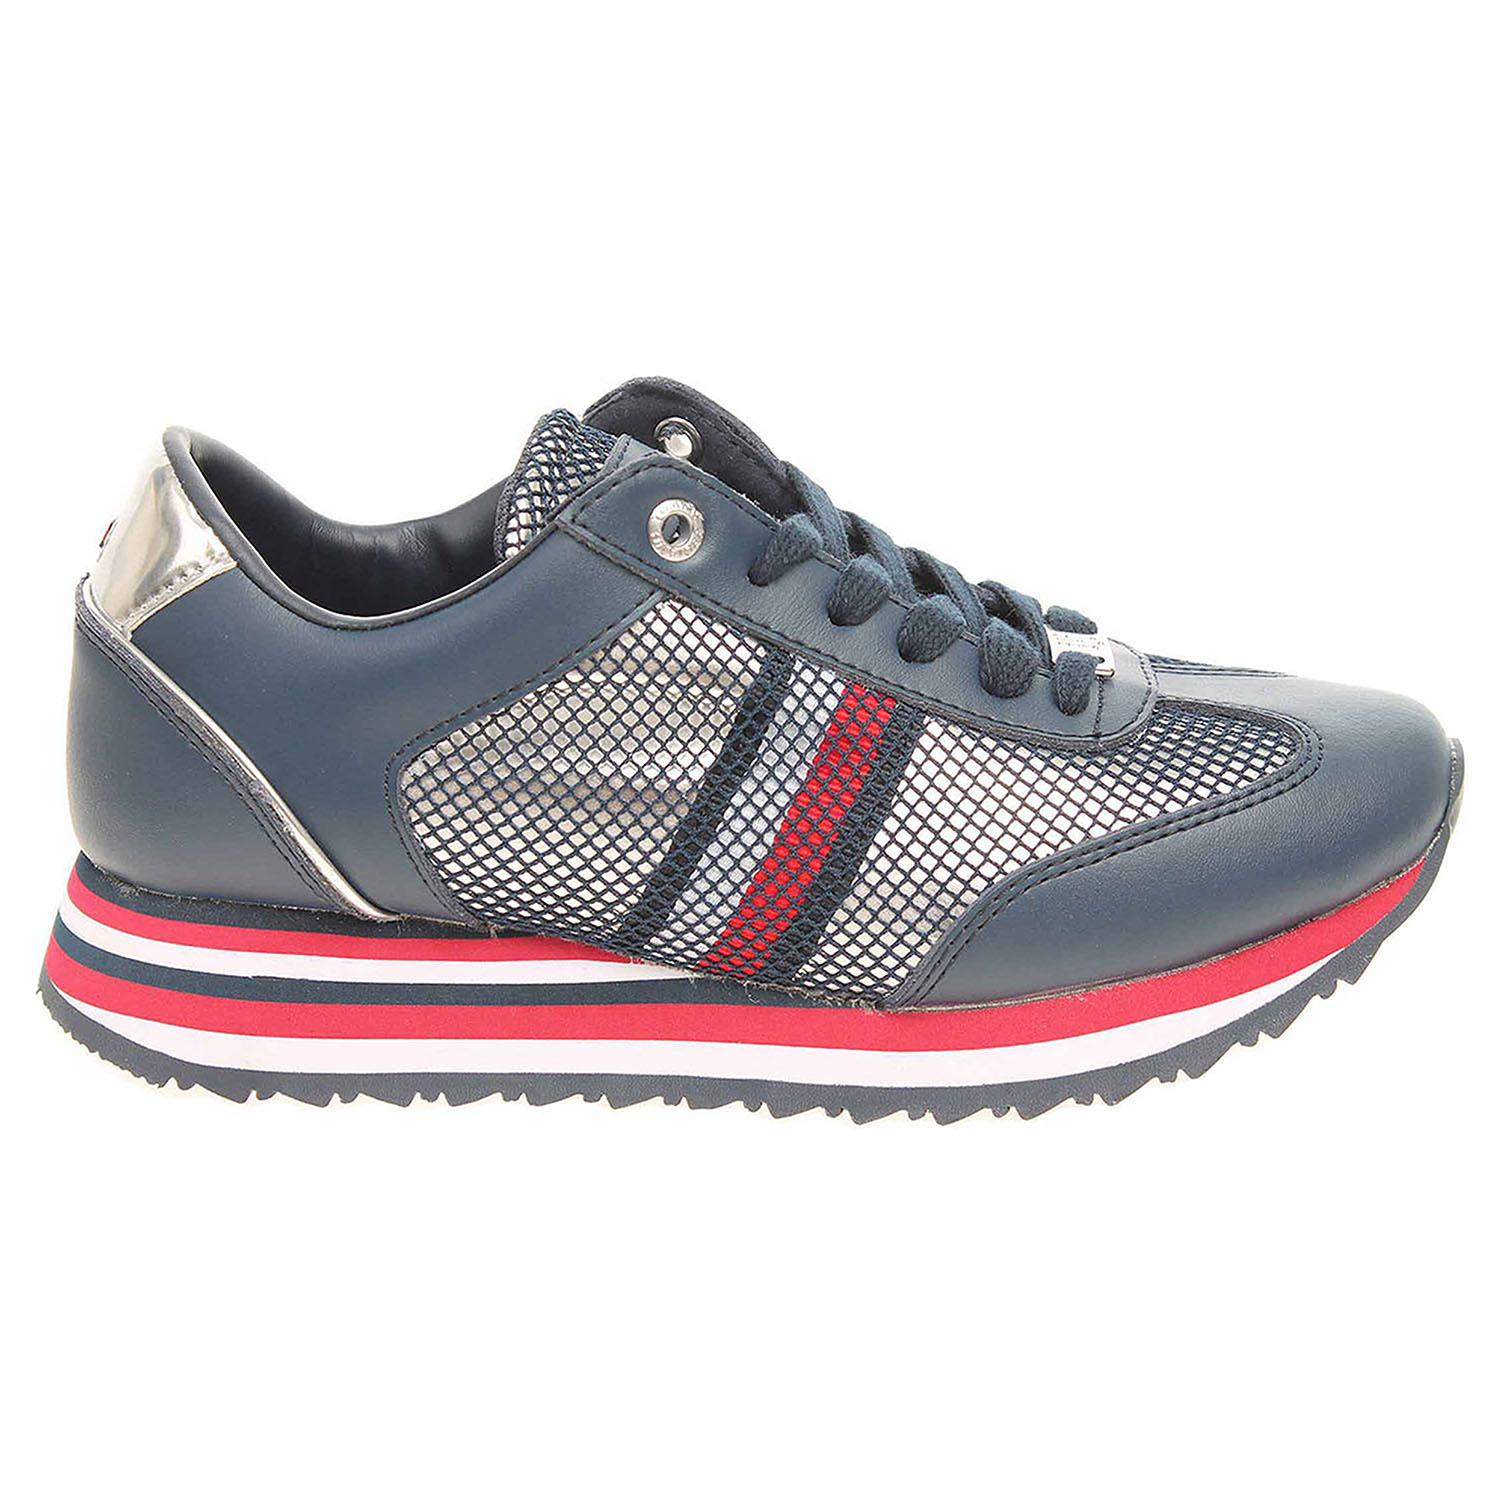 4515ca1dff Tommy Hilfiger dámská obuv FW0FW02450 tommy navy FW0FW02450 406 38